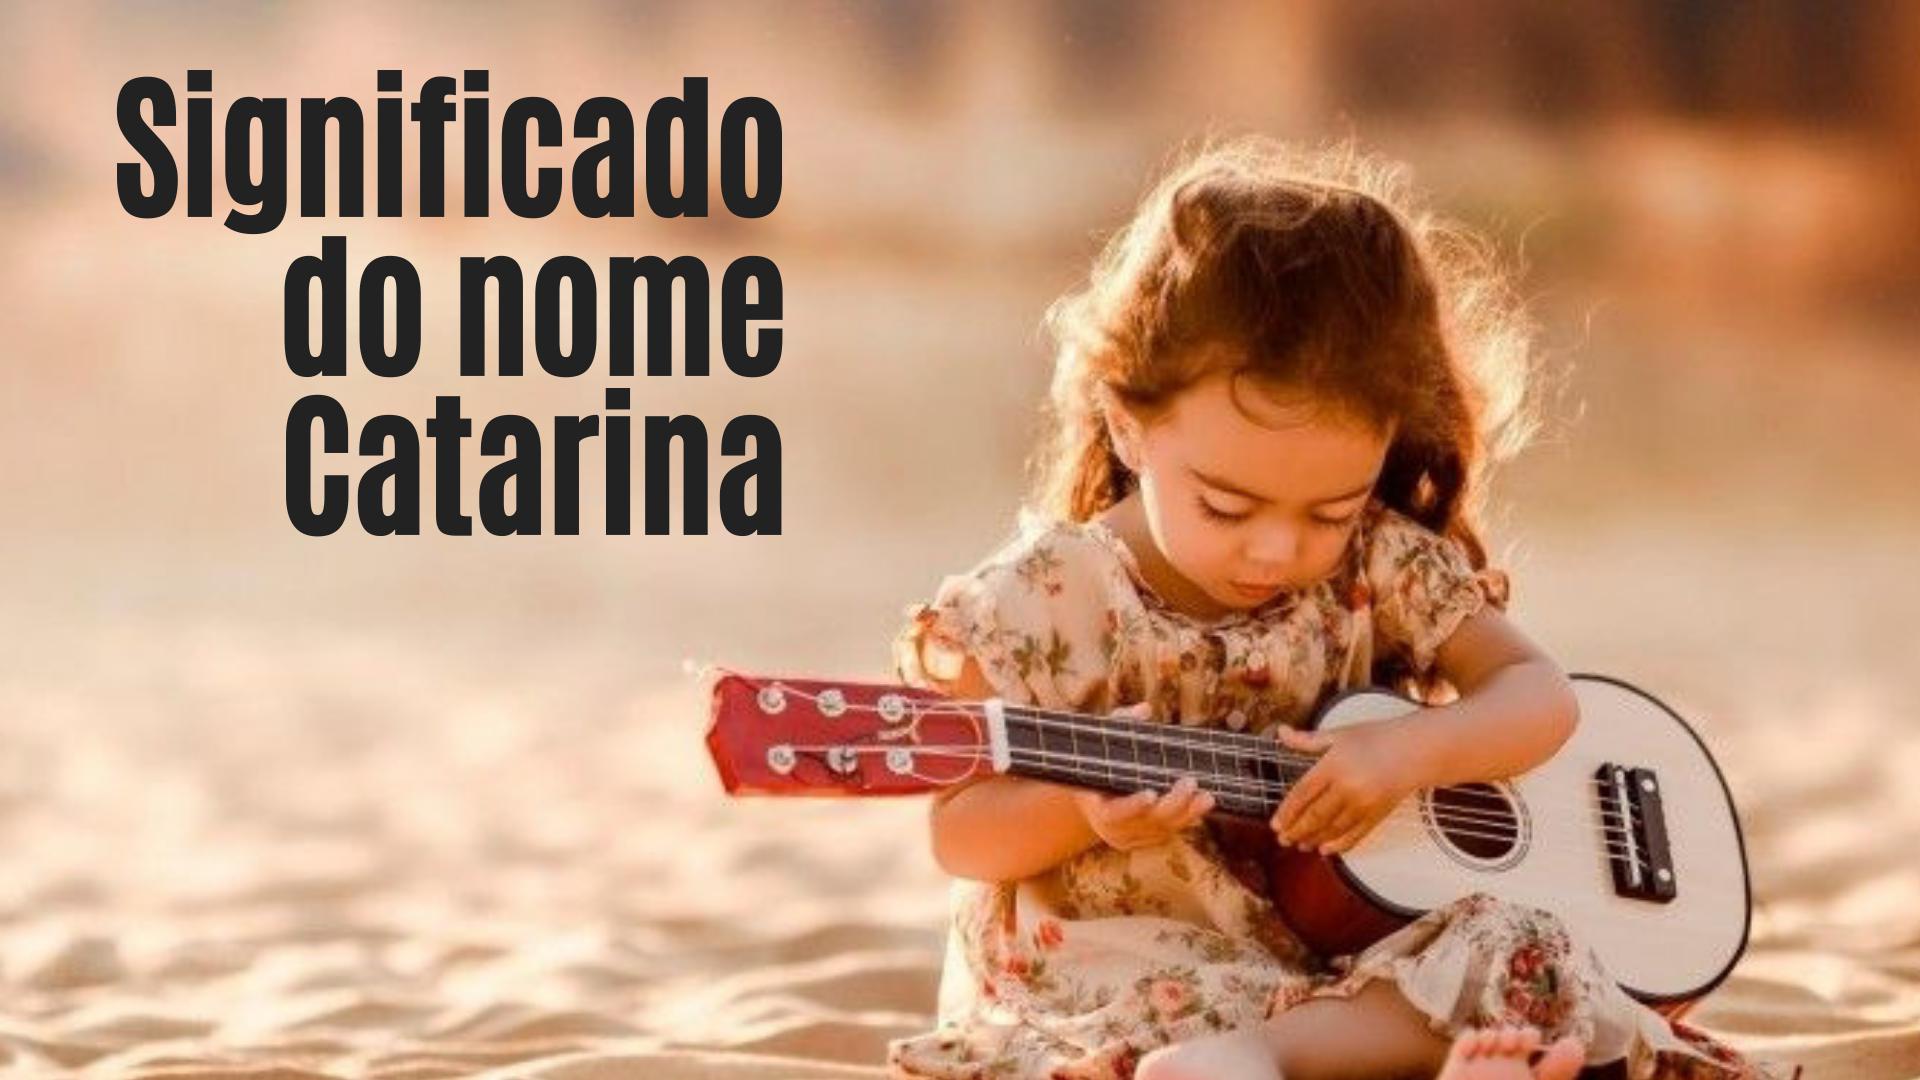 foto escrita significado do nome Catarina